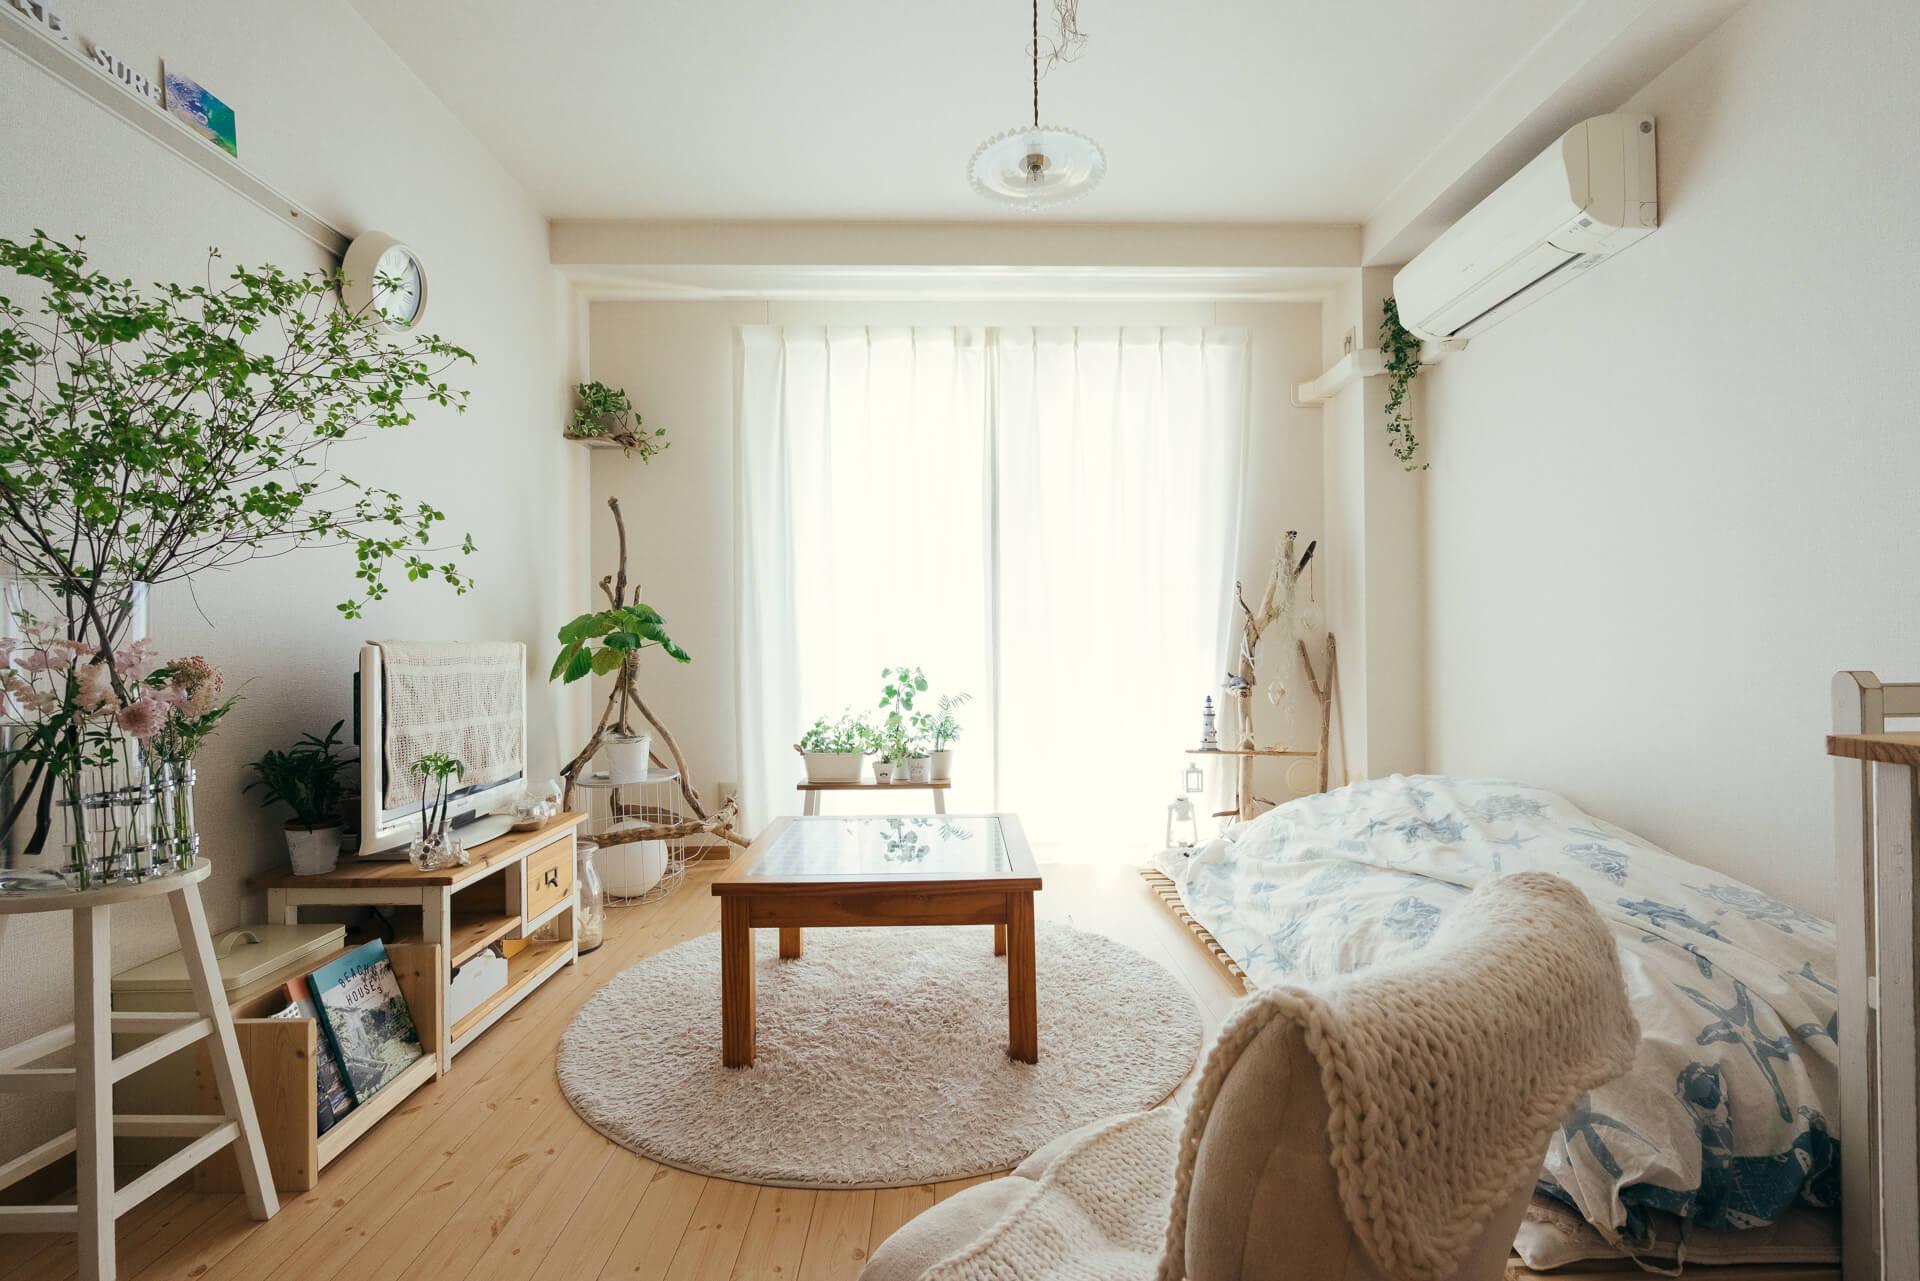 sakiyuka さんのお部屋は、ベッド代わりのすのこに布団、ローテーブル、テーブルと合わせた高さのテレビ台と、低く暮らしているので天井が高く感じられます